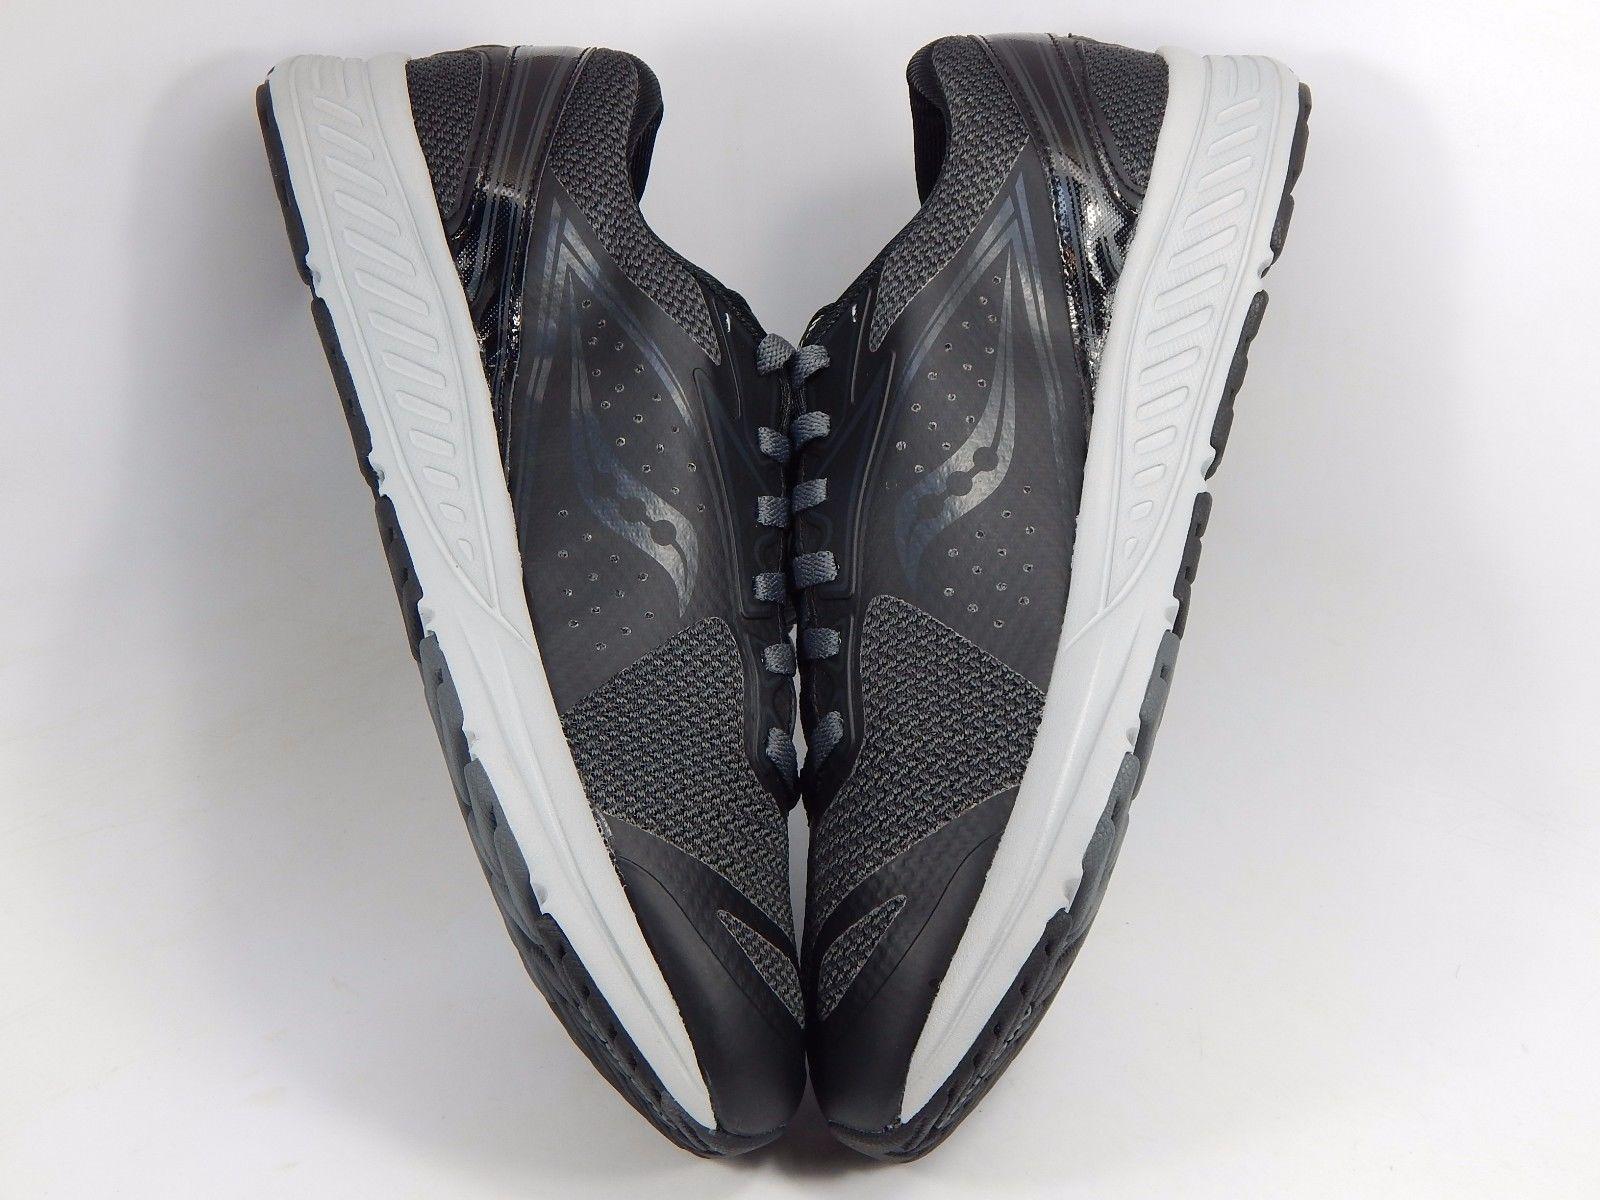 Saucony Grid Seeker Men's Running Shoes Size US 9 M (D) EU 42.5 Black S25302-3